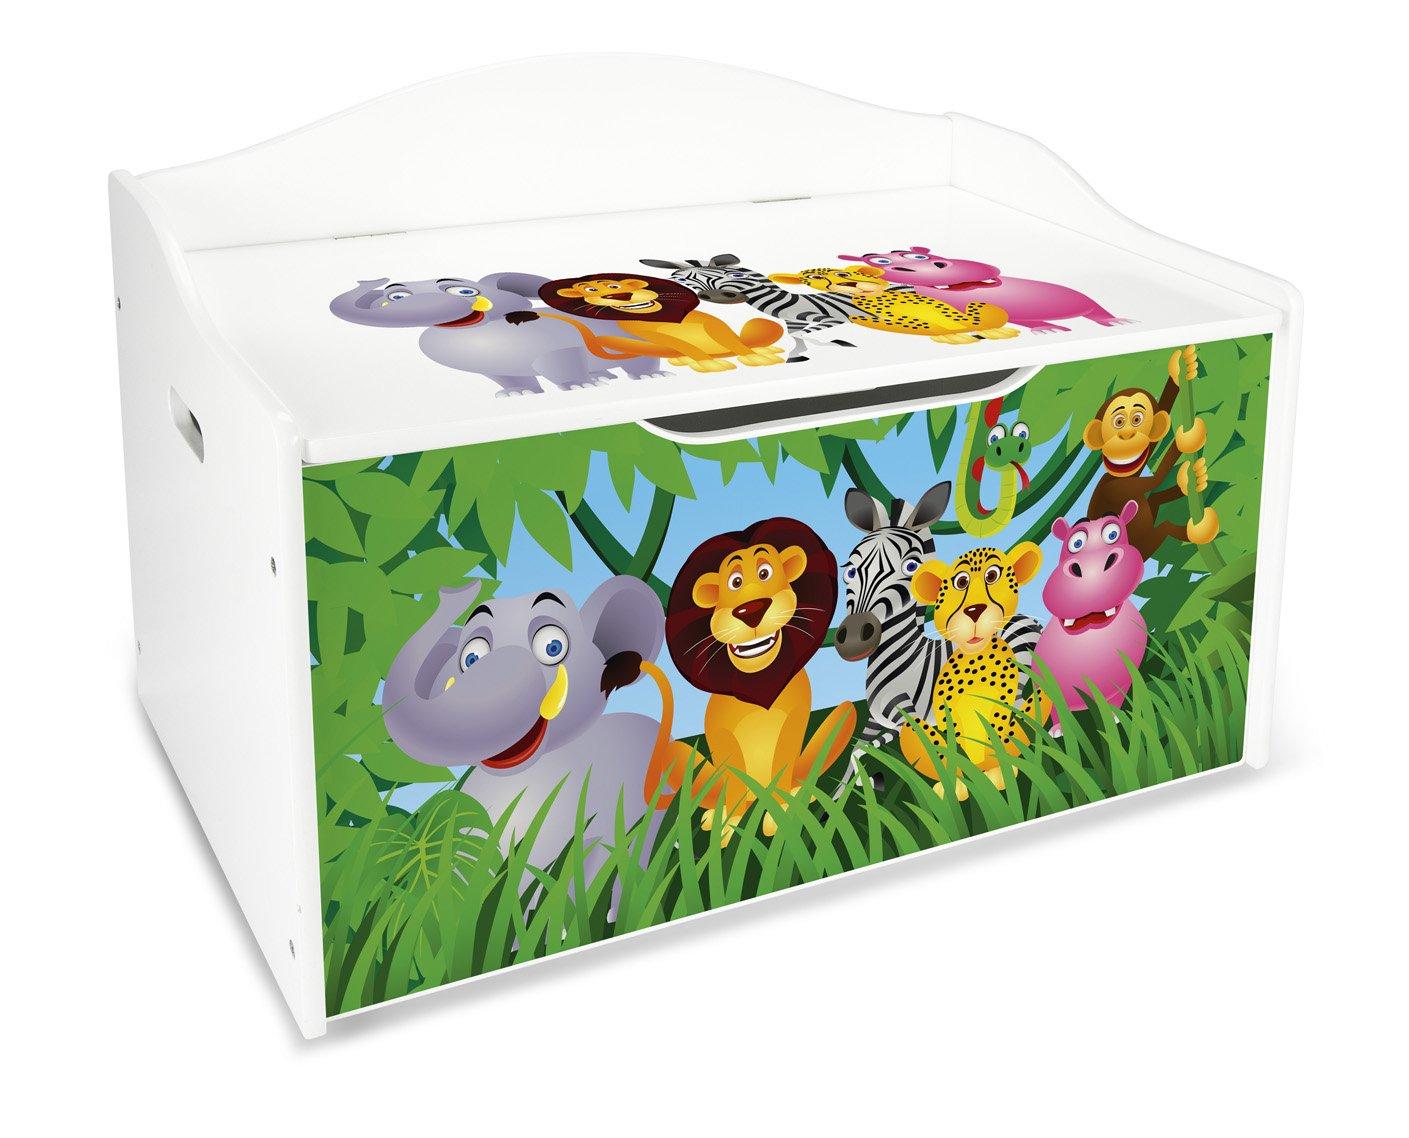 Panca Contenitore Legno : Leomark contenitore porta giochi xl in legno cesta per giochi